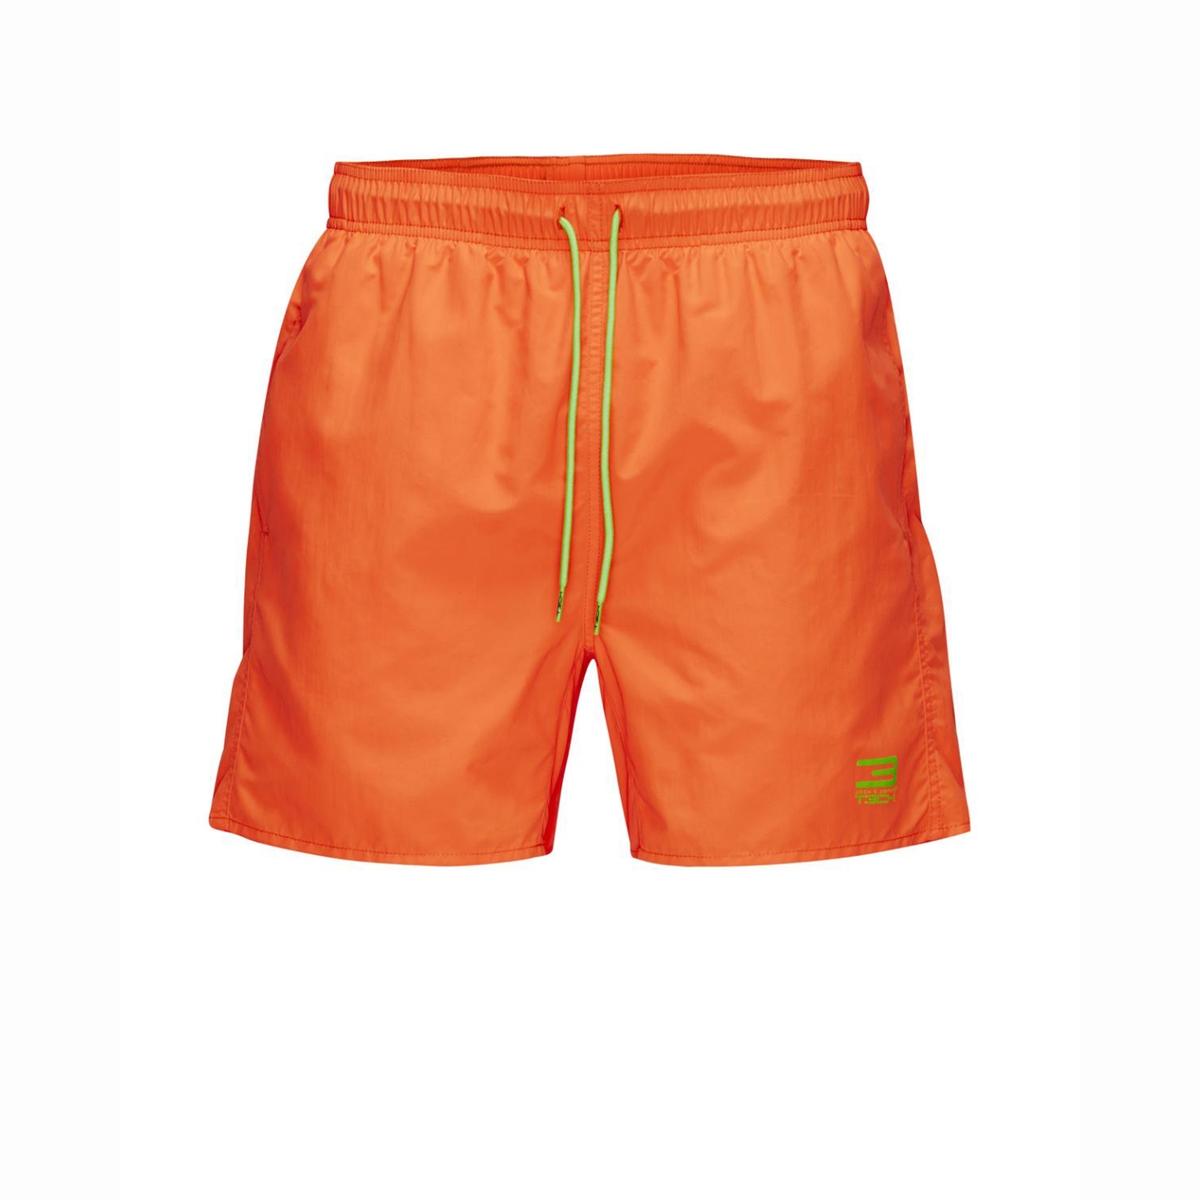 Шорты пляжныеСостав и описаниеМатериал: 100% полиамида, нейлона.Марка: JACK &amp; JONES TECH.<br><br>Цвет: оранжевый<br>Размер: XL